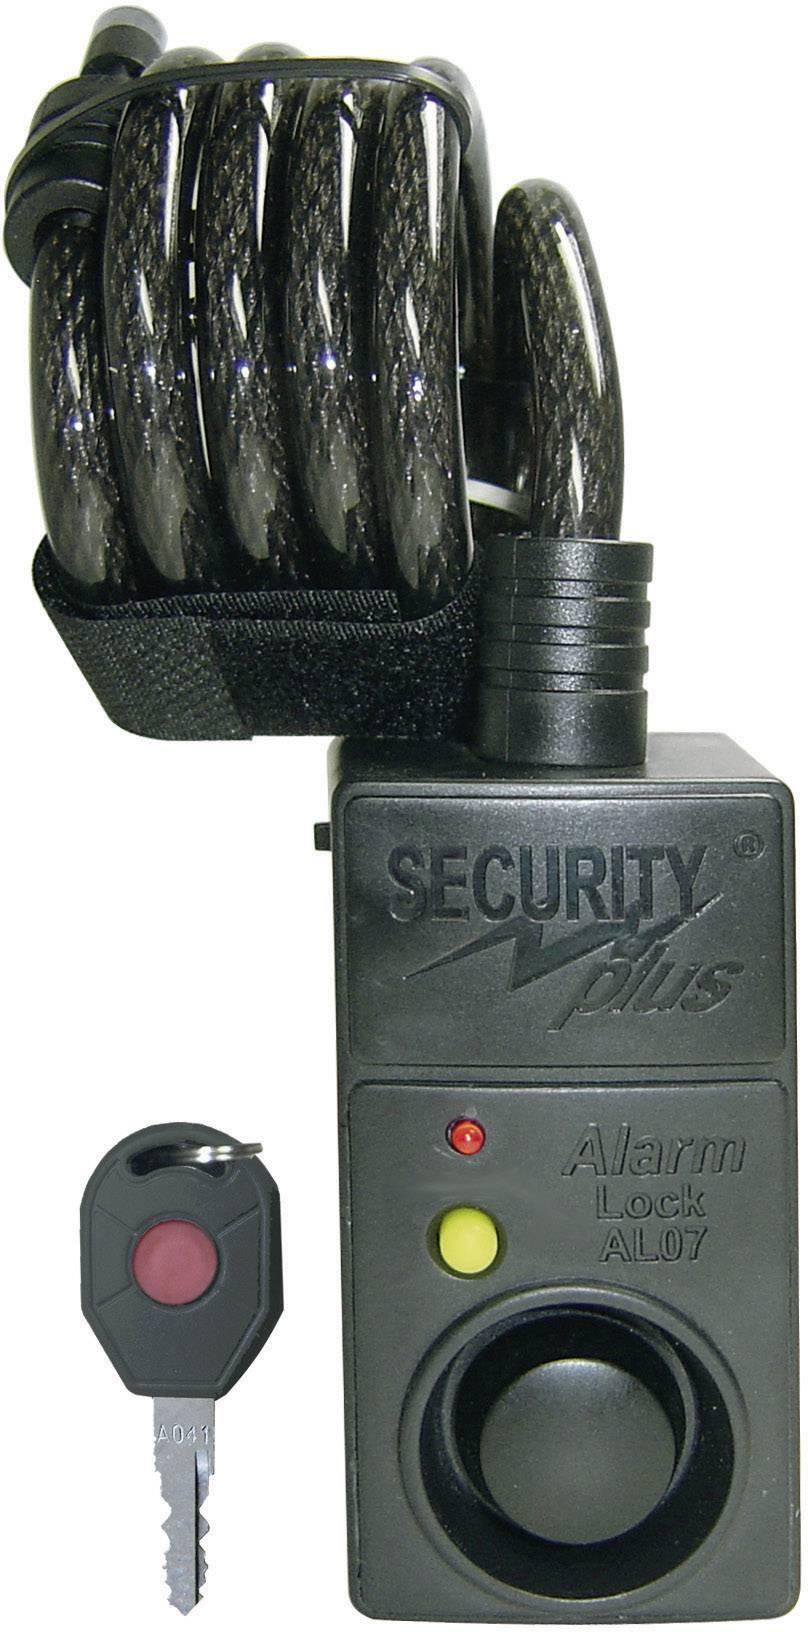 Security Plus AL07 Lucchetto a cavo Nero con allarme con sensore di 2j0